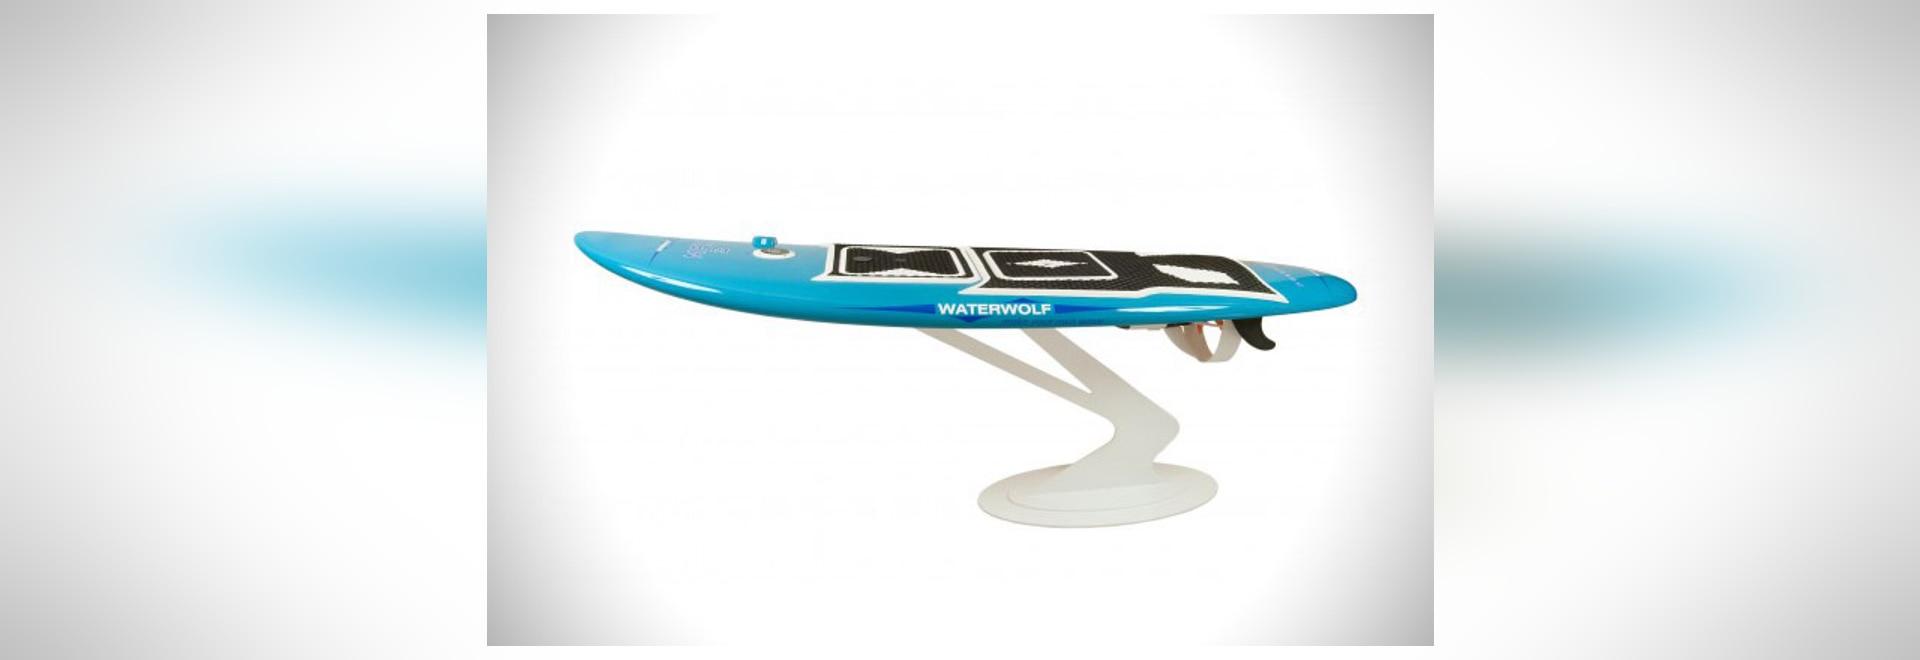 LA PLANCHE DE SURFING ÉLECTRIQUE DE WATERWOLF MXP-3